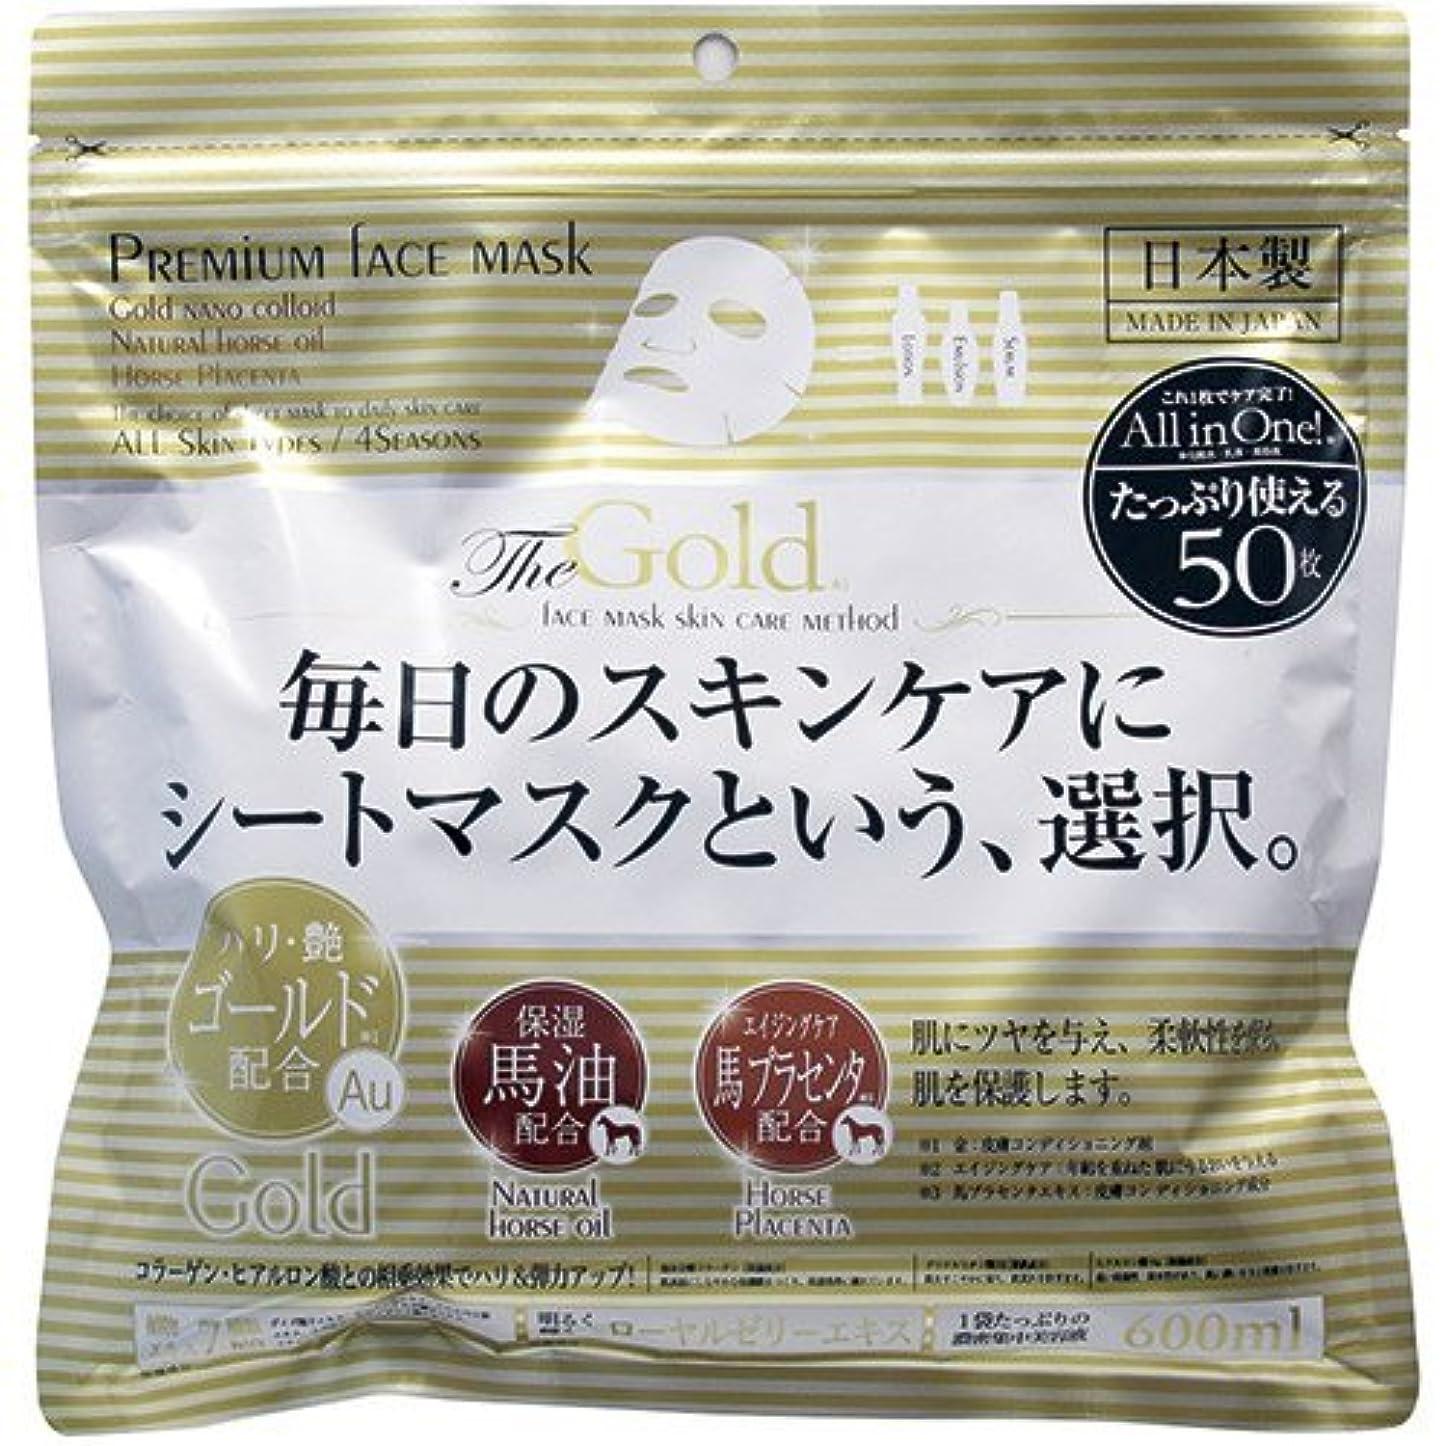 ミサイル火山の満たす【進製作所】プレミアムフェイスマスク ゴールド 50枚 ×20個セット